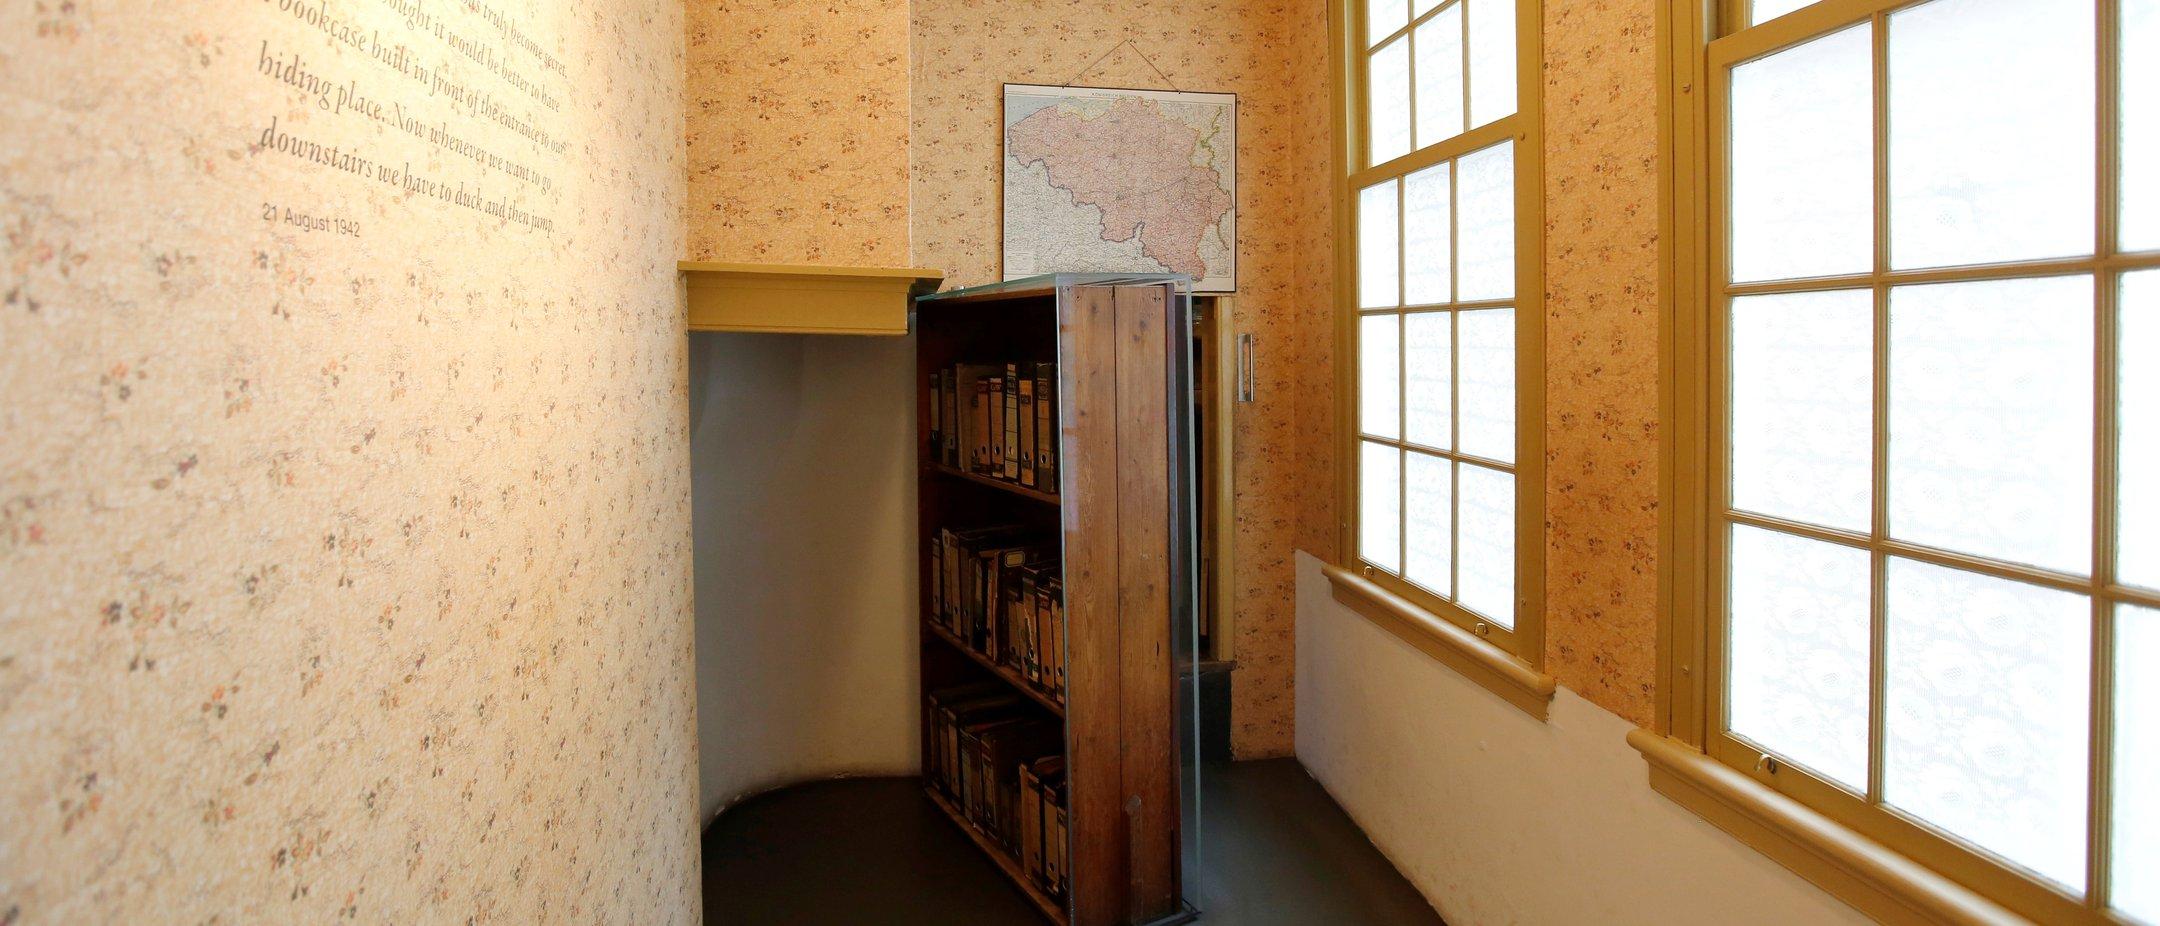 7/8 Feb 2000 gratis kaartjes voor Anne Frank Huis voor Amsterdammers (nu al aanmelden)